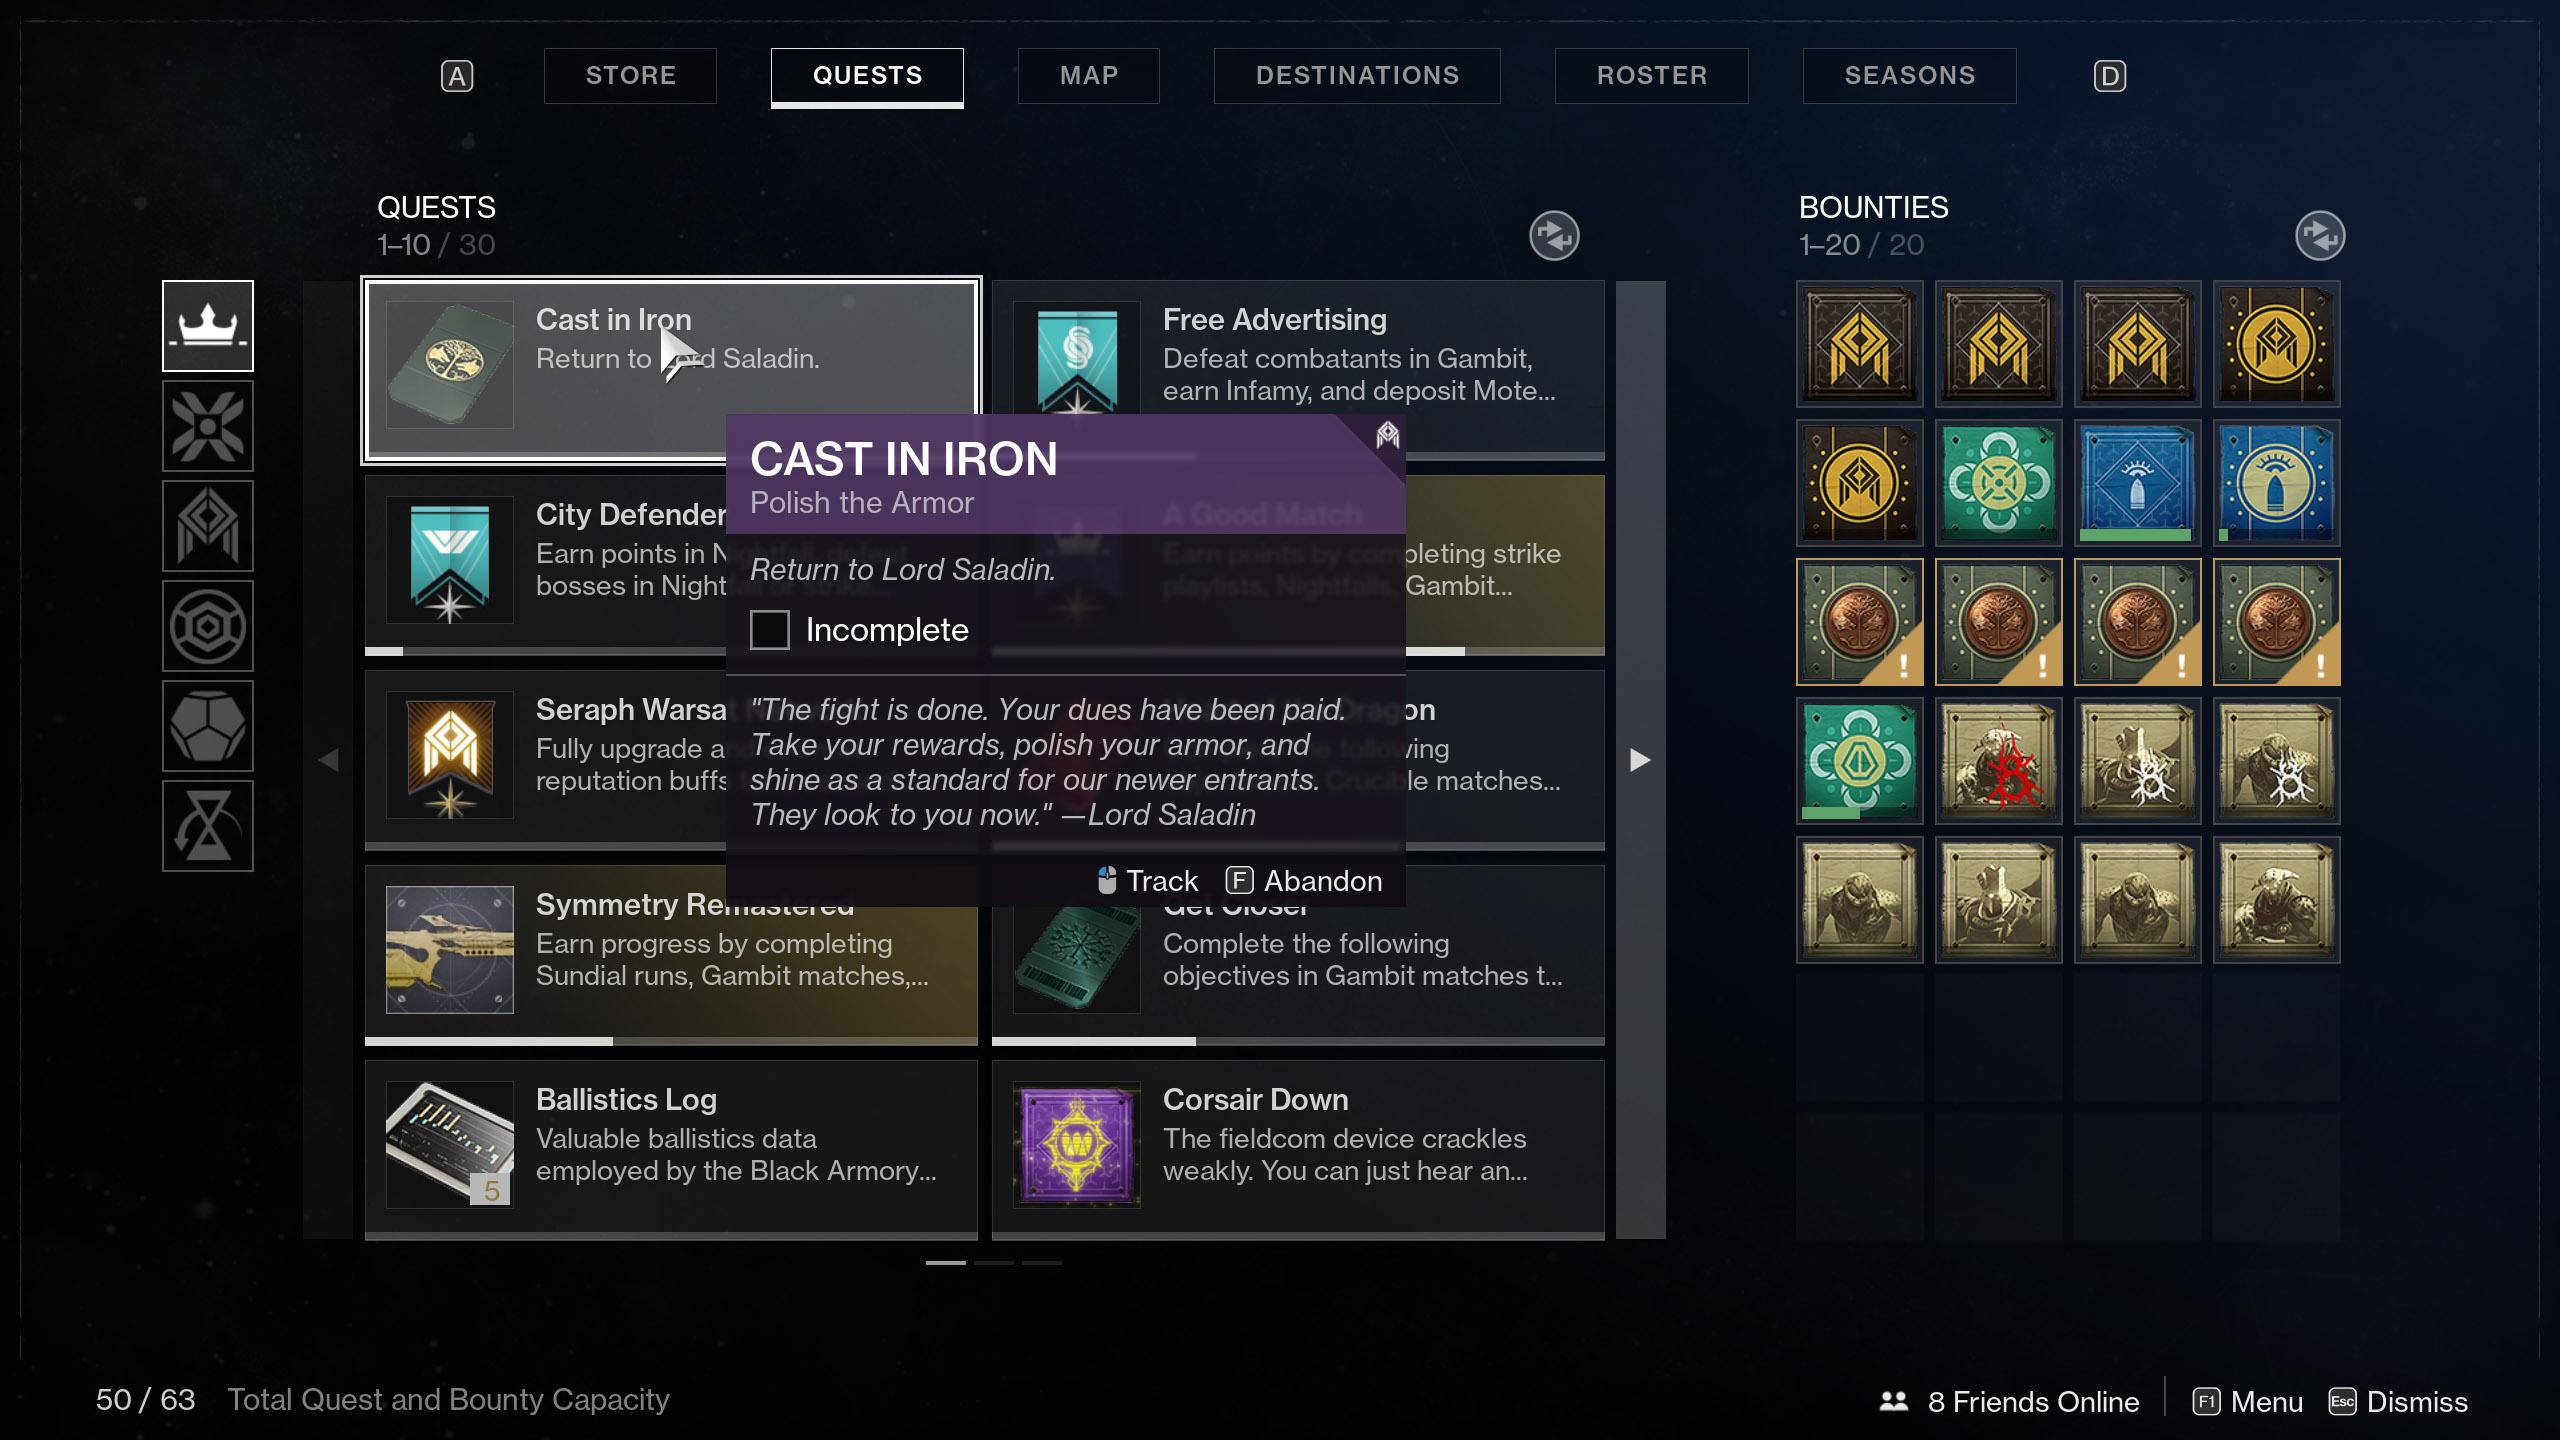 destiny 2 polish the armor